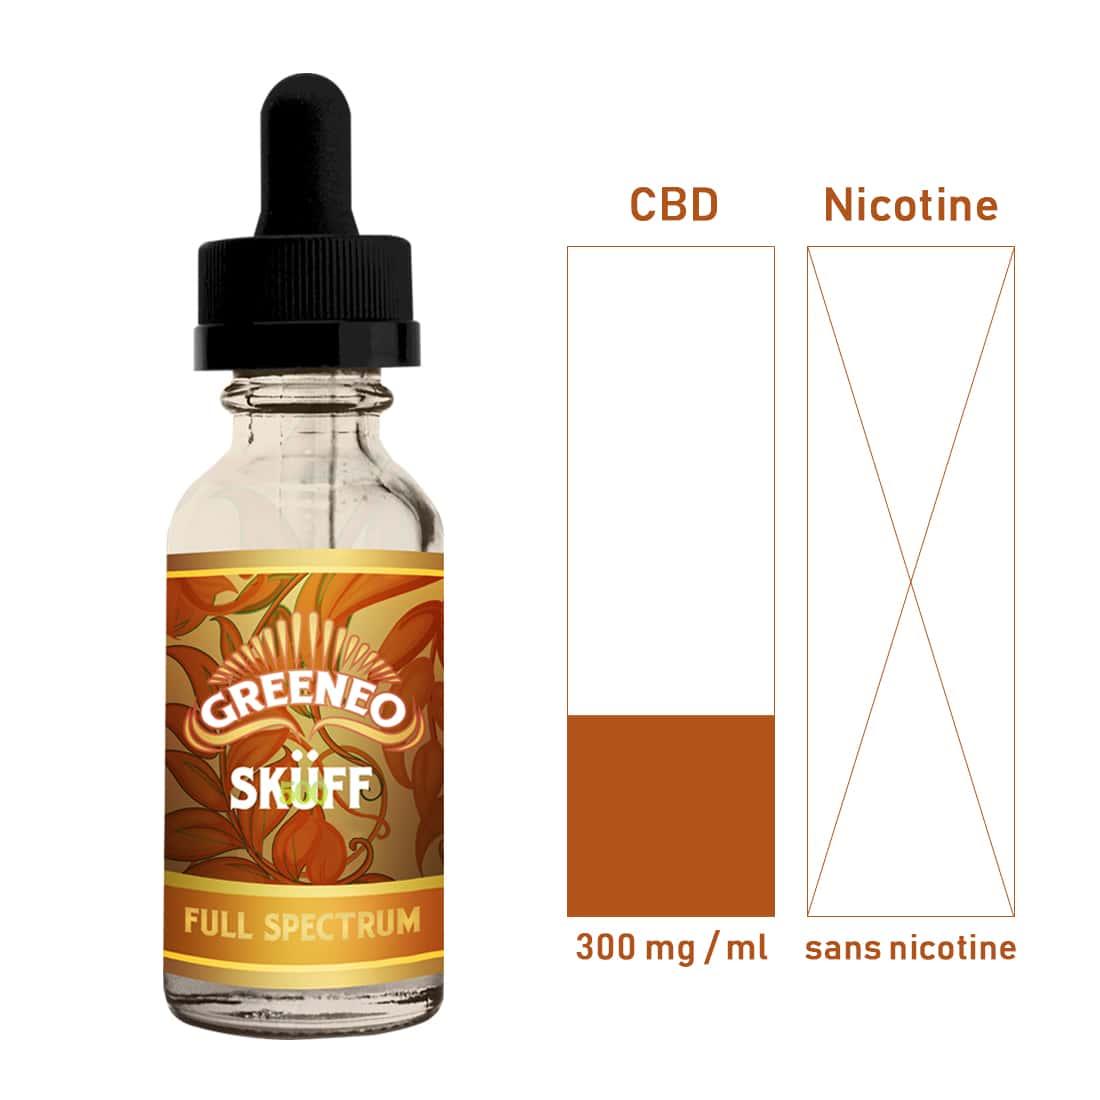 Photo #1 de CBD E liquide Greeneo Sküff 300 mg